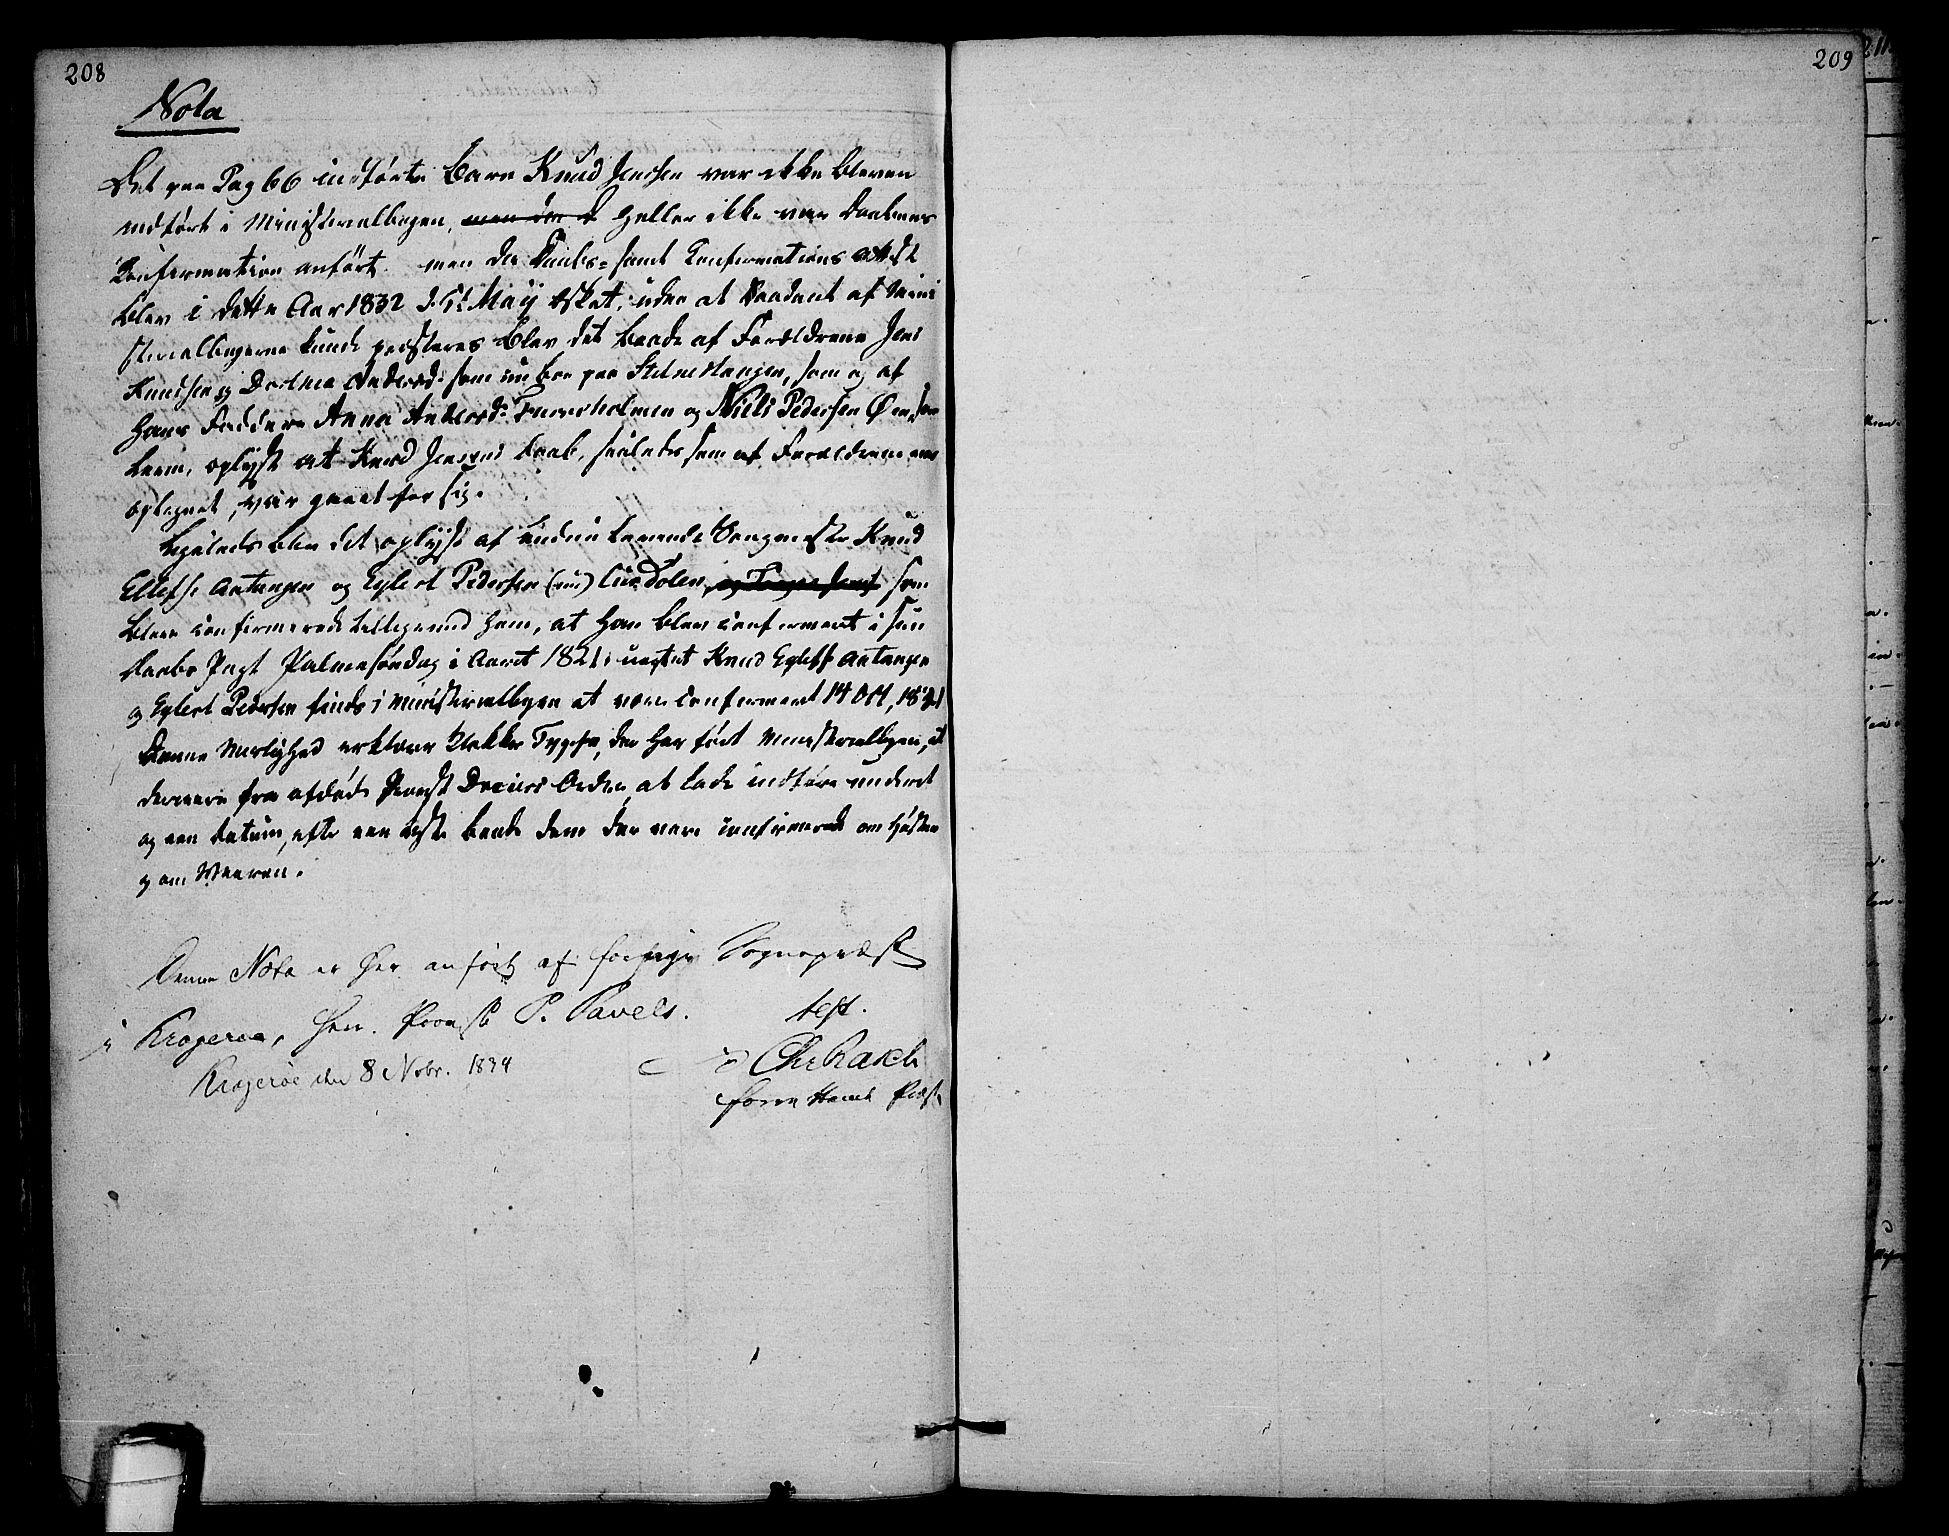 SAKO, Sannidal kirkebøker, F/Fa/L0003: Ministerialbok nr. 3, 1803-1813, s. 208-209